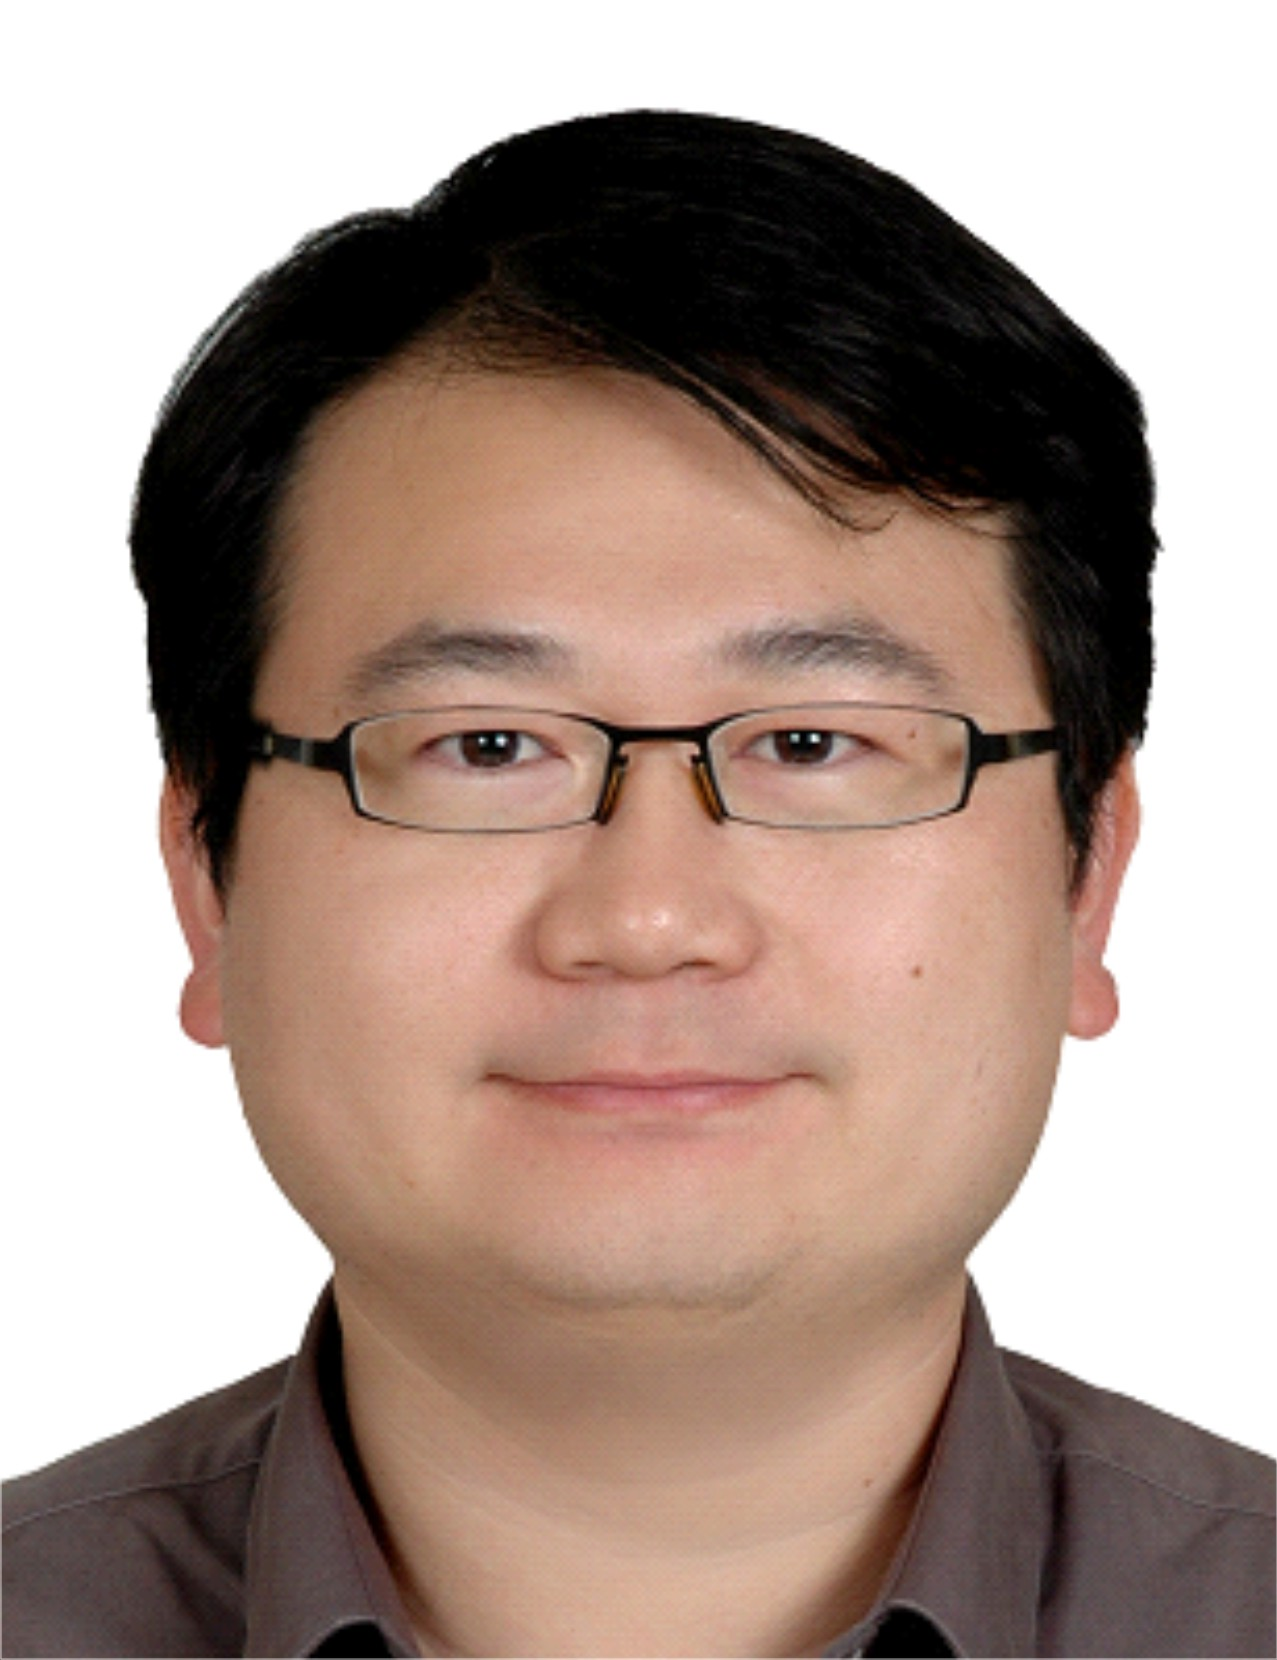 周明岳 CHOU Ming-Yueh(圖片)